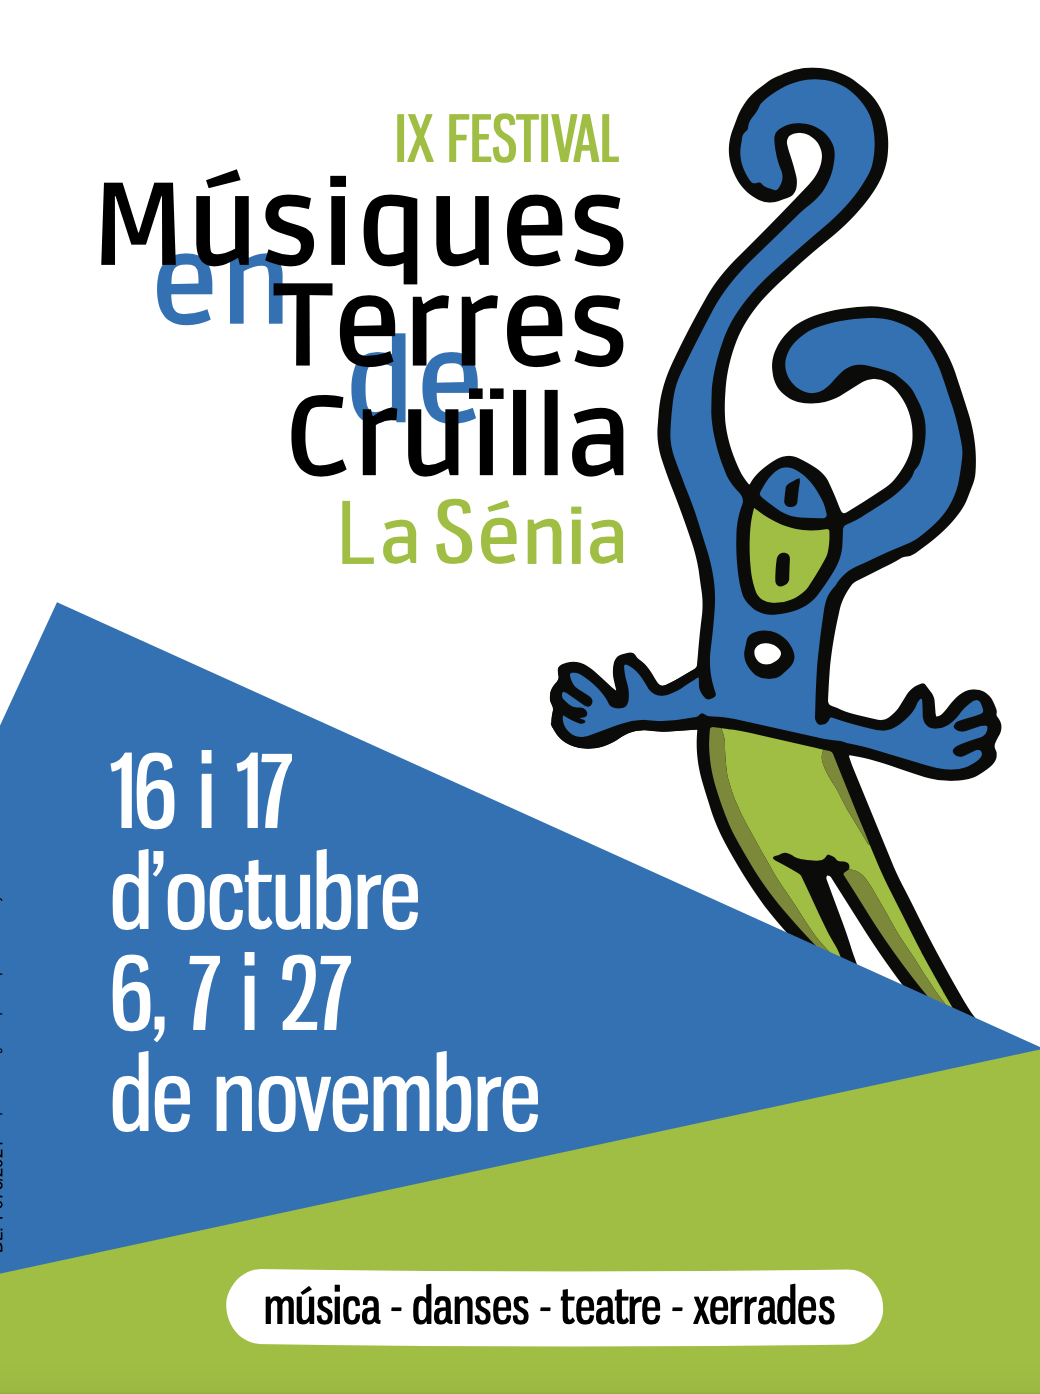 17 d'octubre – Festival Músiques en Terres de Cruïlla de La Sénia